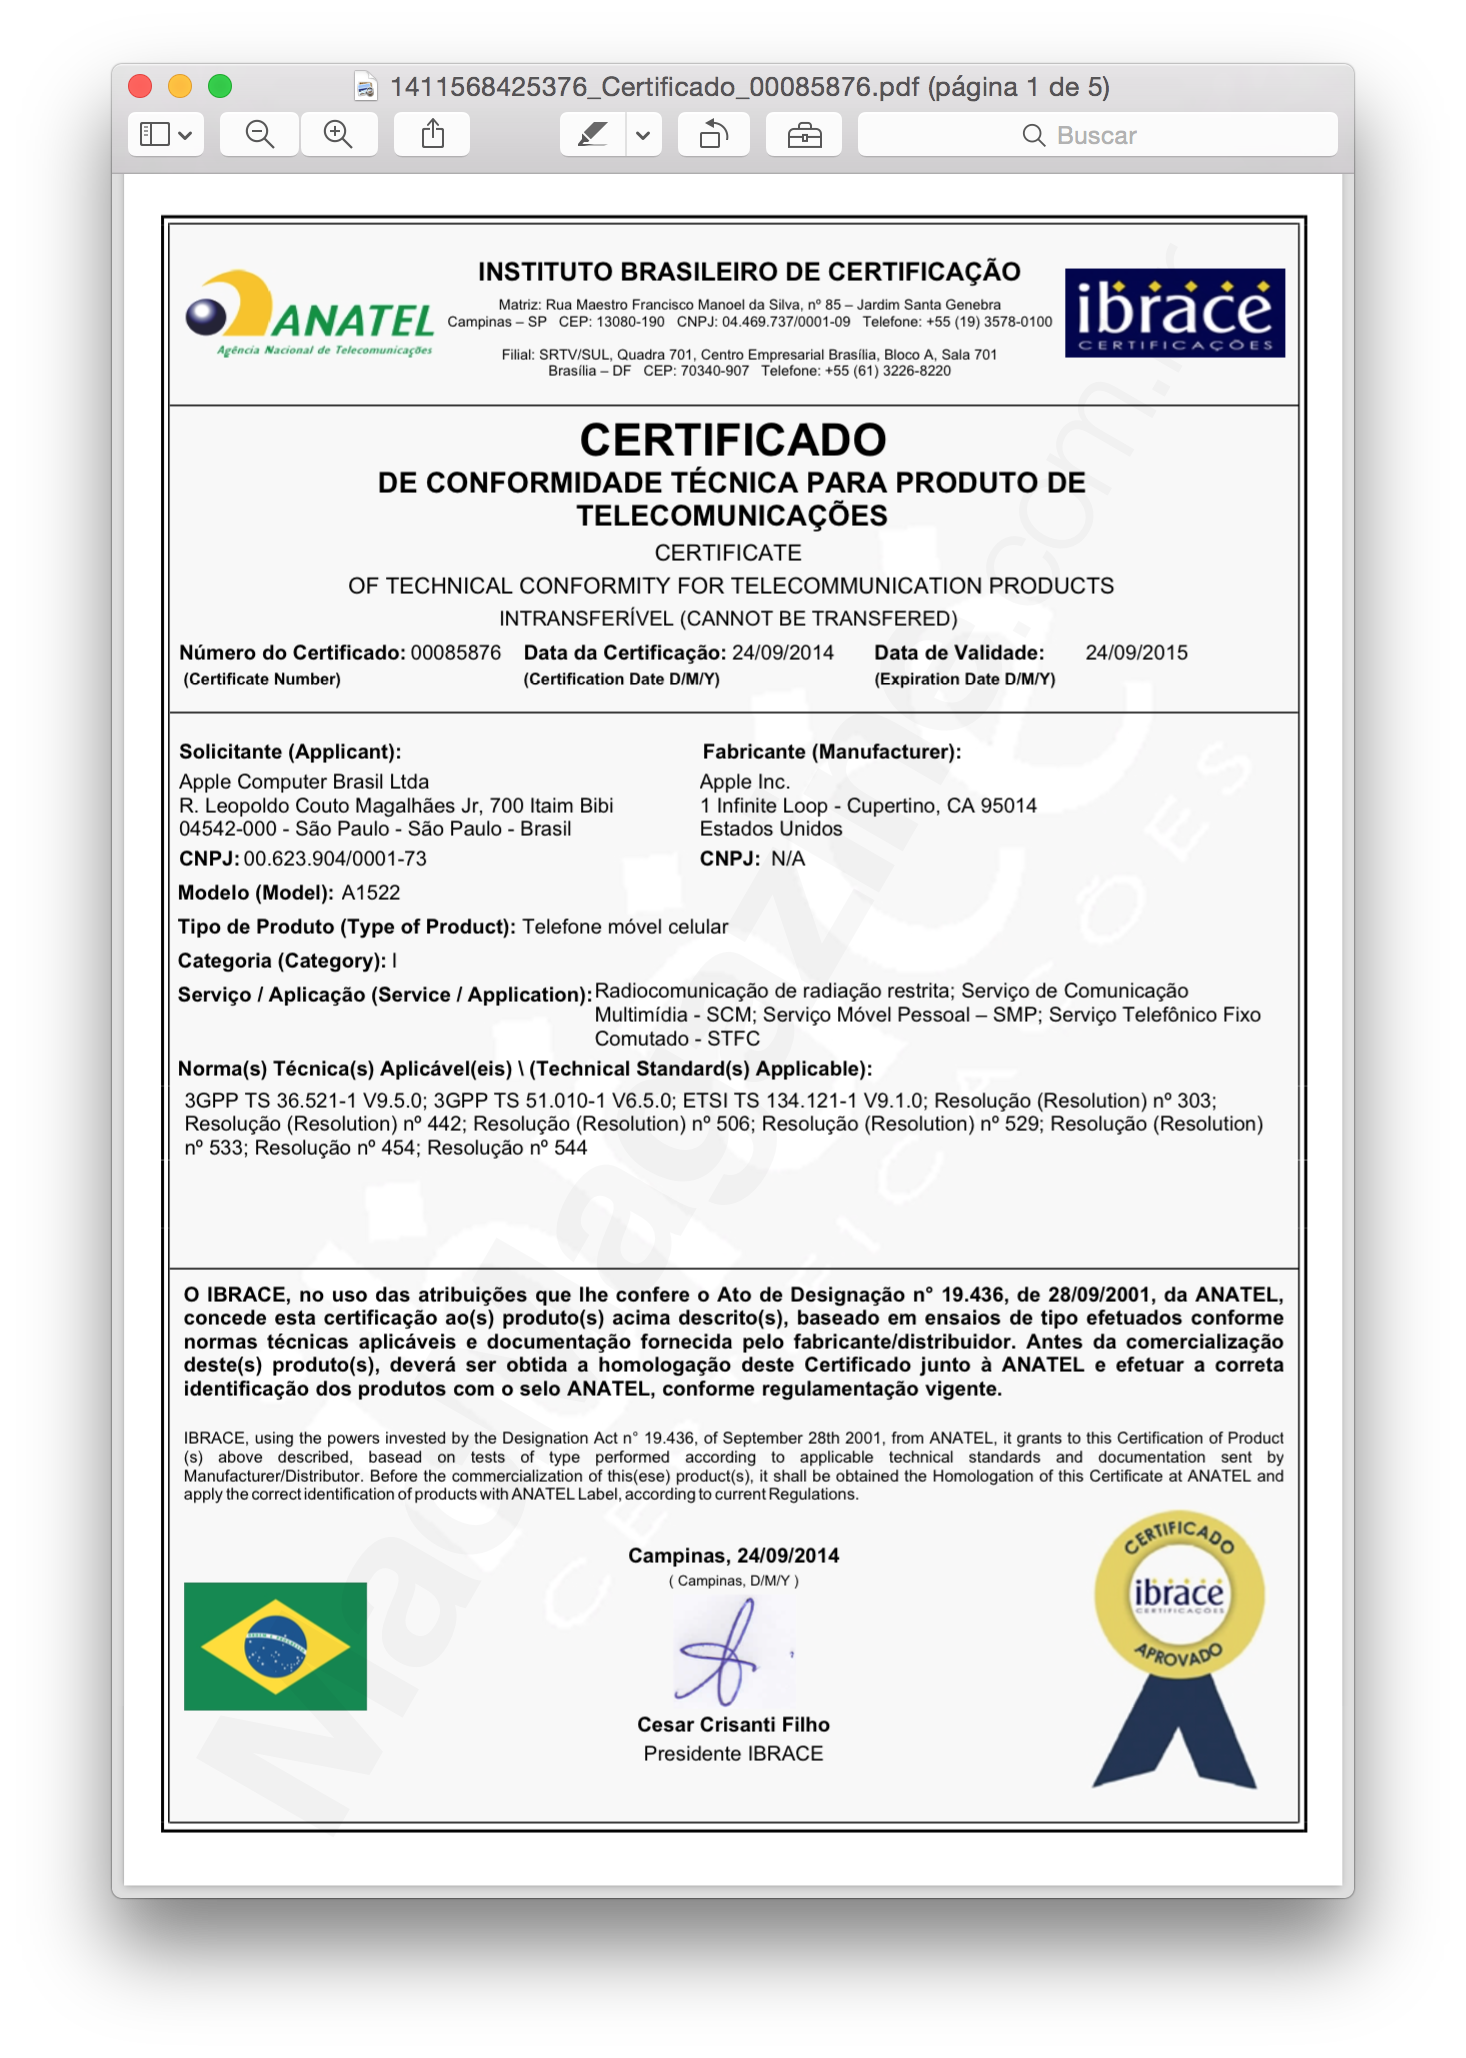 Documentos publicados pela Anatel (A1522)